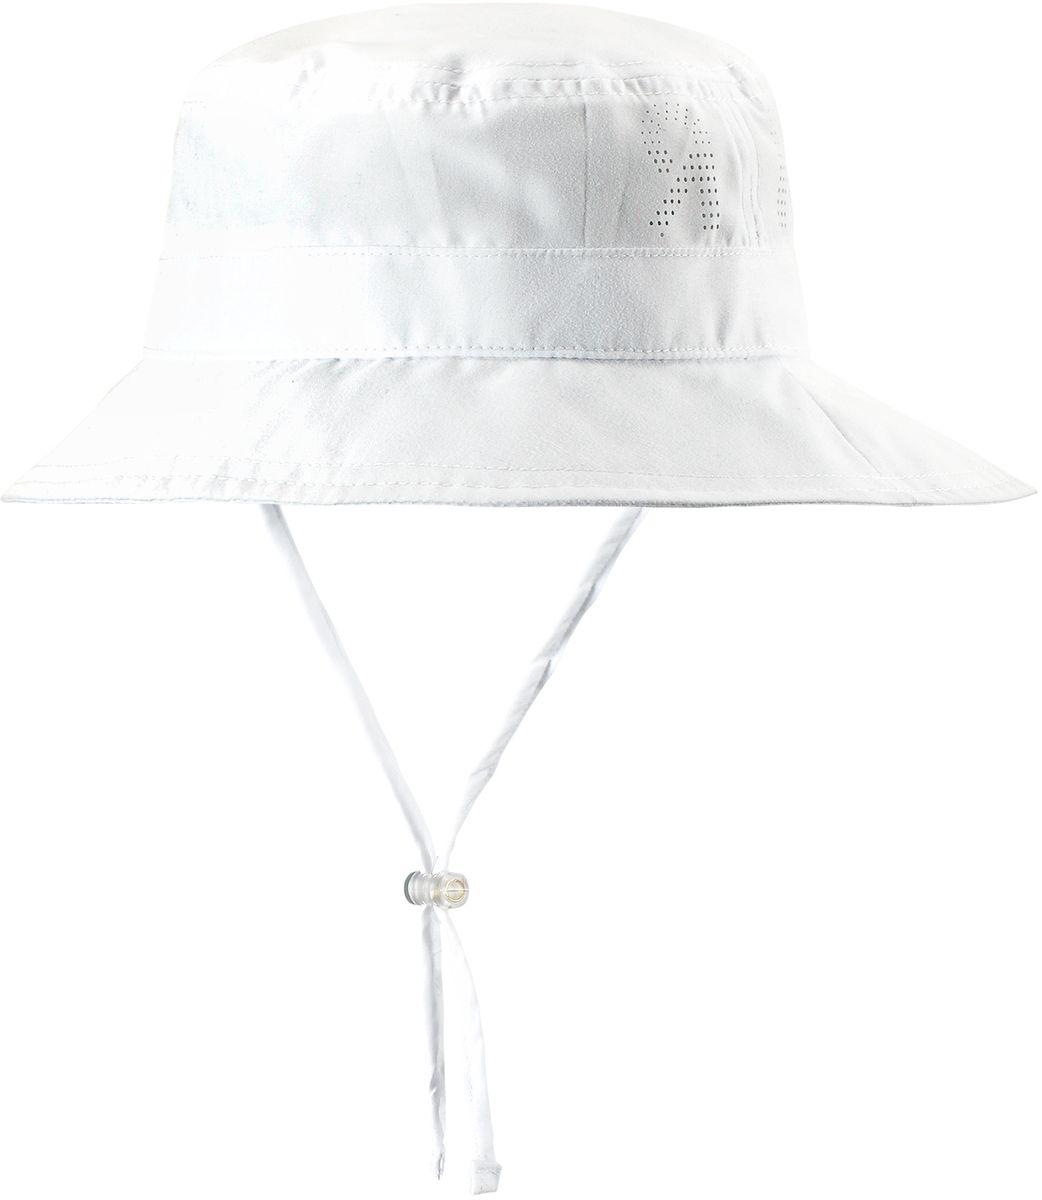 Панама детская Reima Tropical, цвет: белый. 5285310100. Размер 465285310100Защитная панама для малышей и детей постарше с фактором УФ-защиты 50+. Козырек панамы защищает лицо и глаза от вредного ультрафиолета. Изготовлена из дышащего и легкого материала SunProof. Облегченная модель без подкладки, а чтобы ветер не унес эту новую очаровательную панаму, просто завяжите завязки!